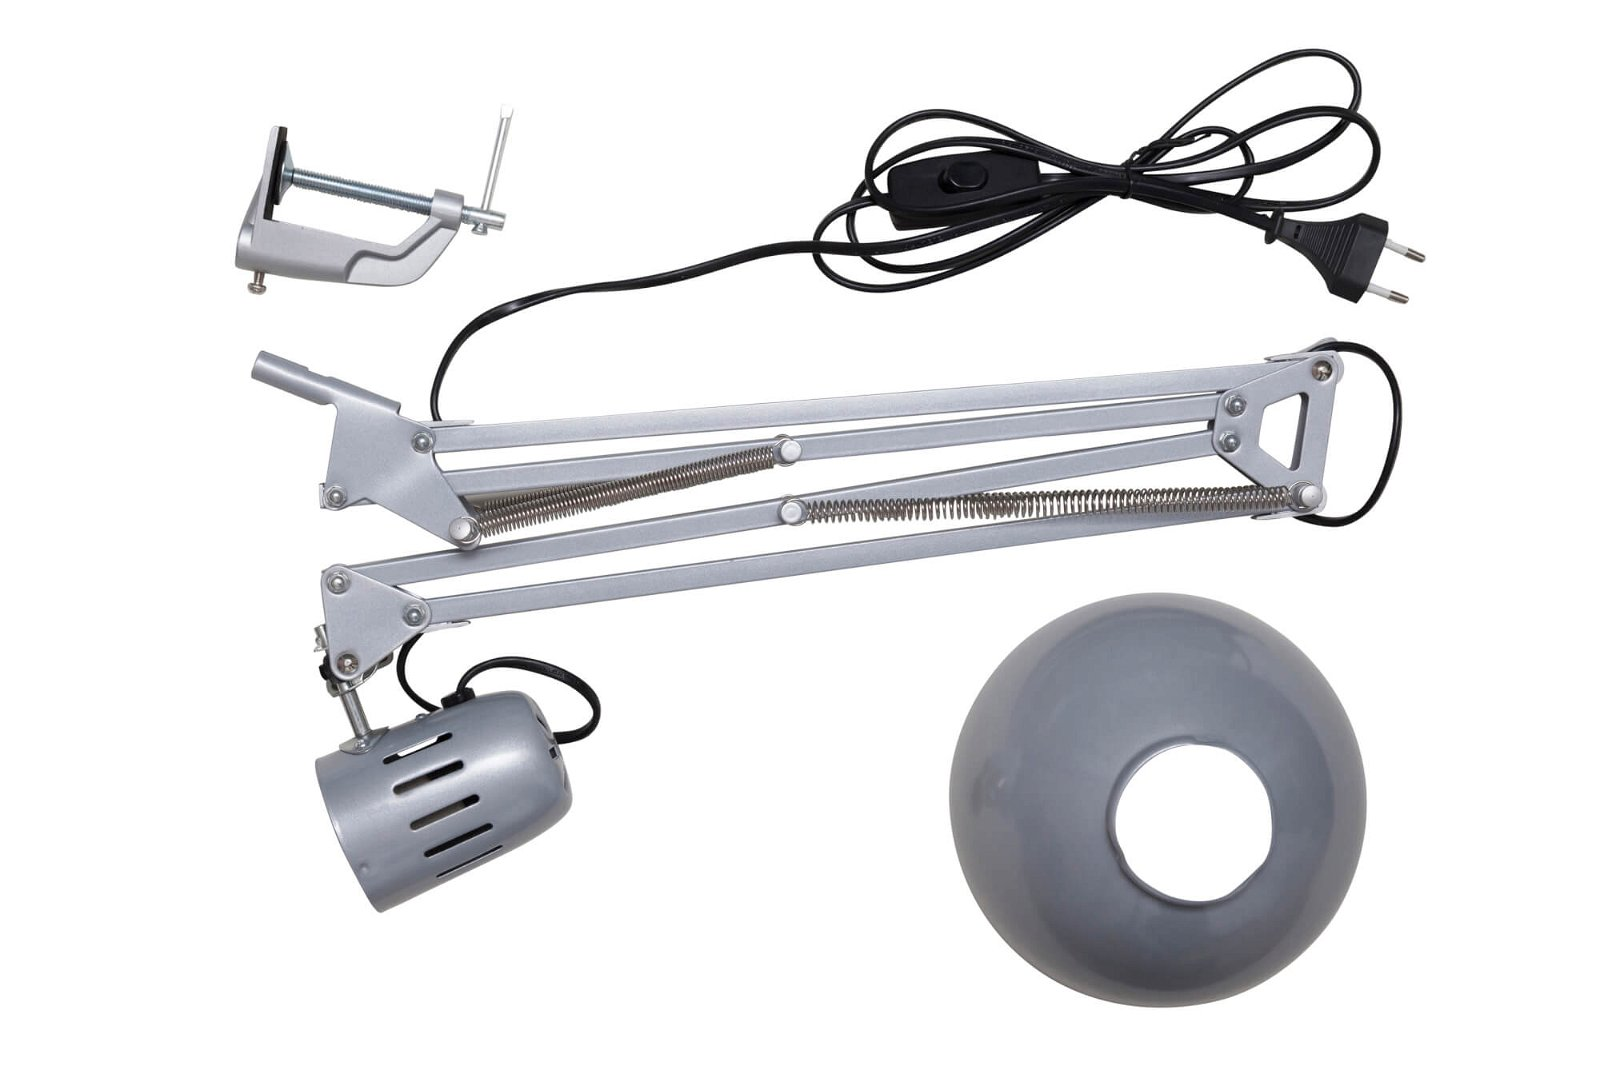 Energie-Sparleuchte MAULstudy, exkl. Leuchtmittel, silber